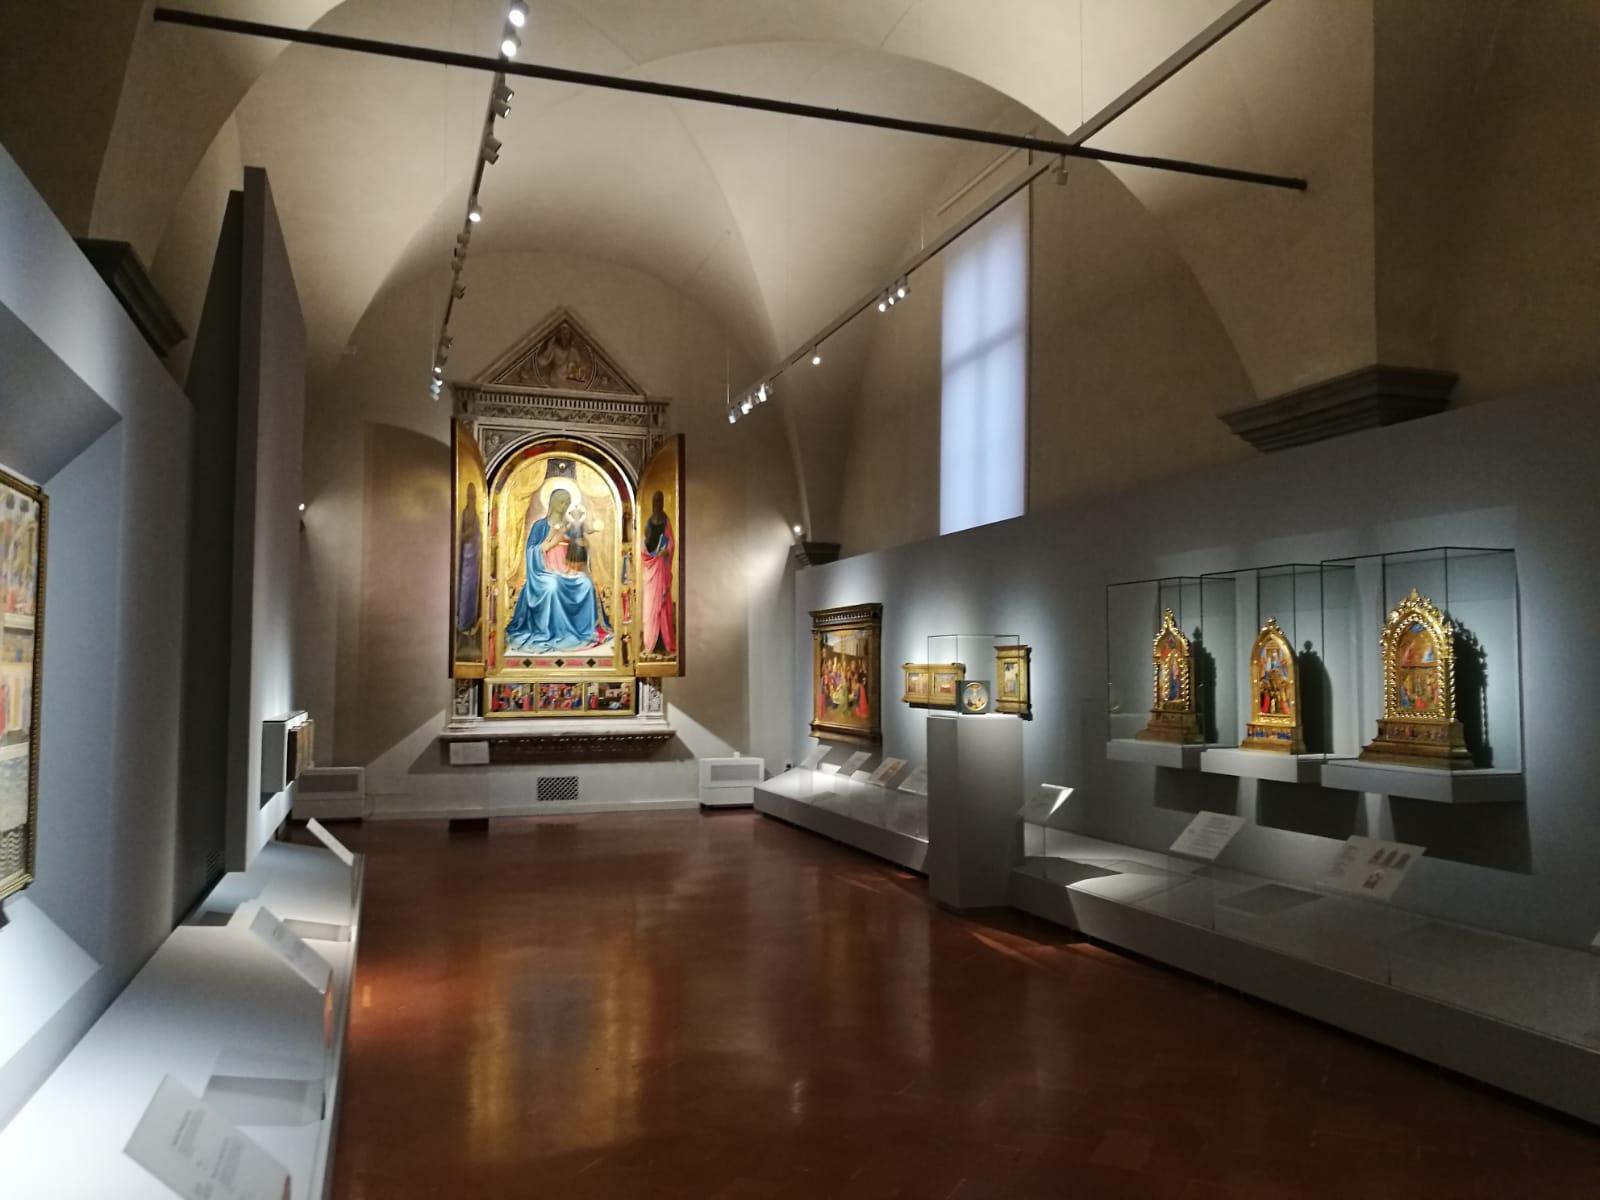 Toscana, riaprono i musei regionali. Anche San Marco con la nuova sala del Beato Angelico